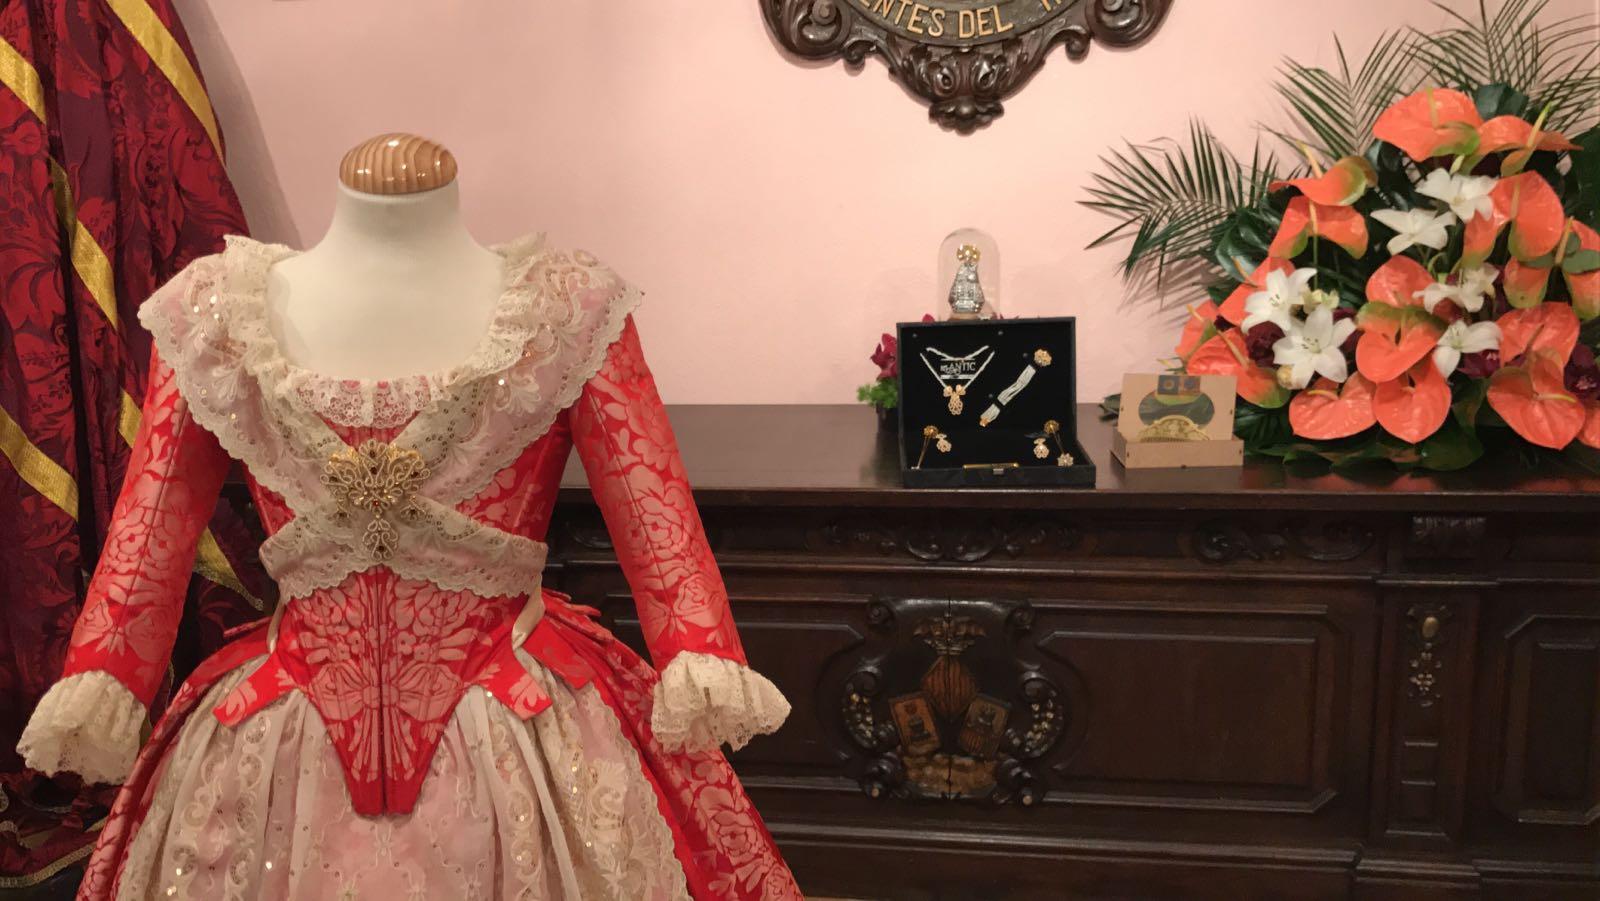 Foto: Detalle del traje regalo y confeccionado por los alumnos del Gremio de Sastres y Modistas de la Comunitat para Clara Mª Parejo. Foto: Artur Part